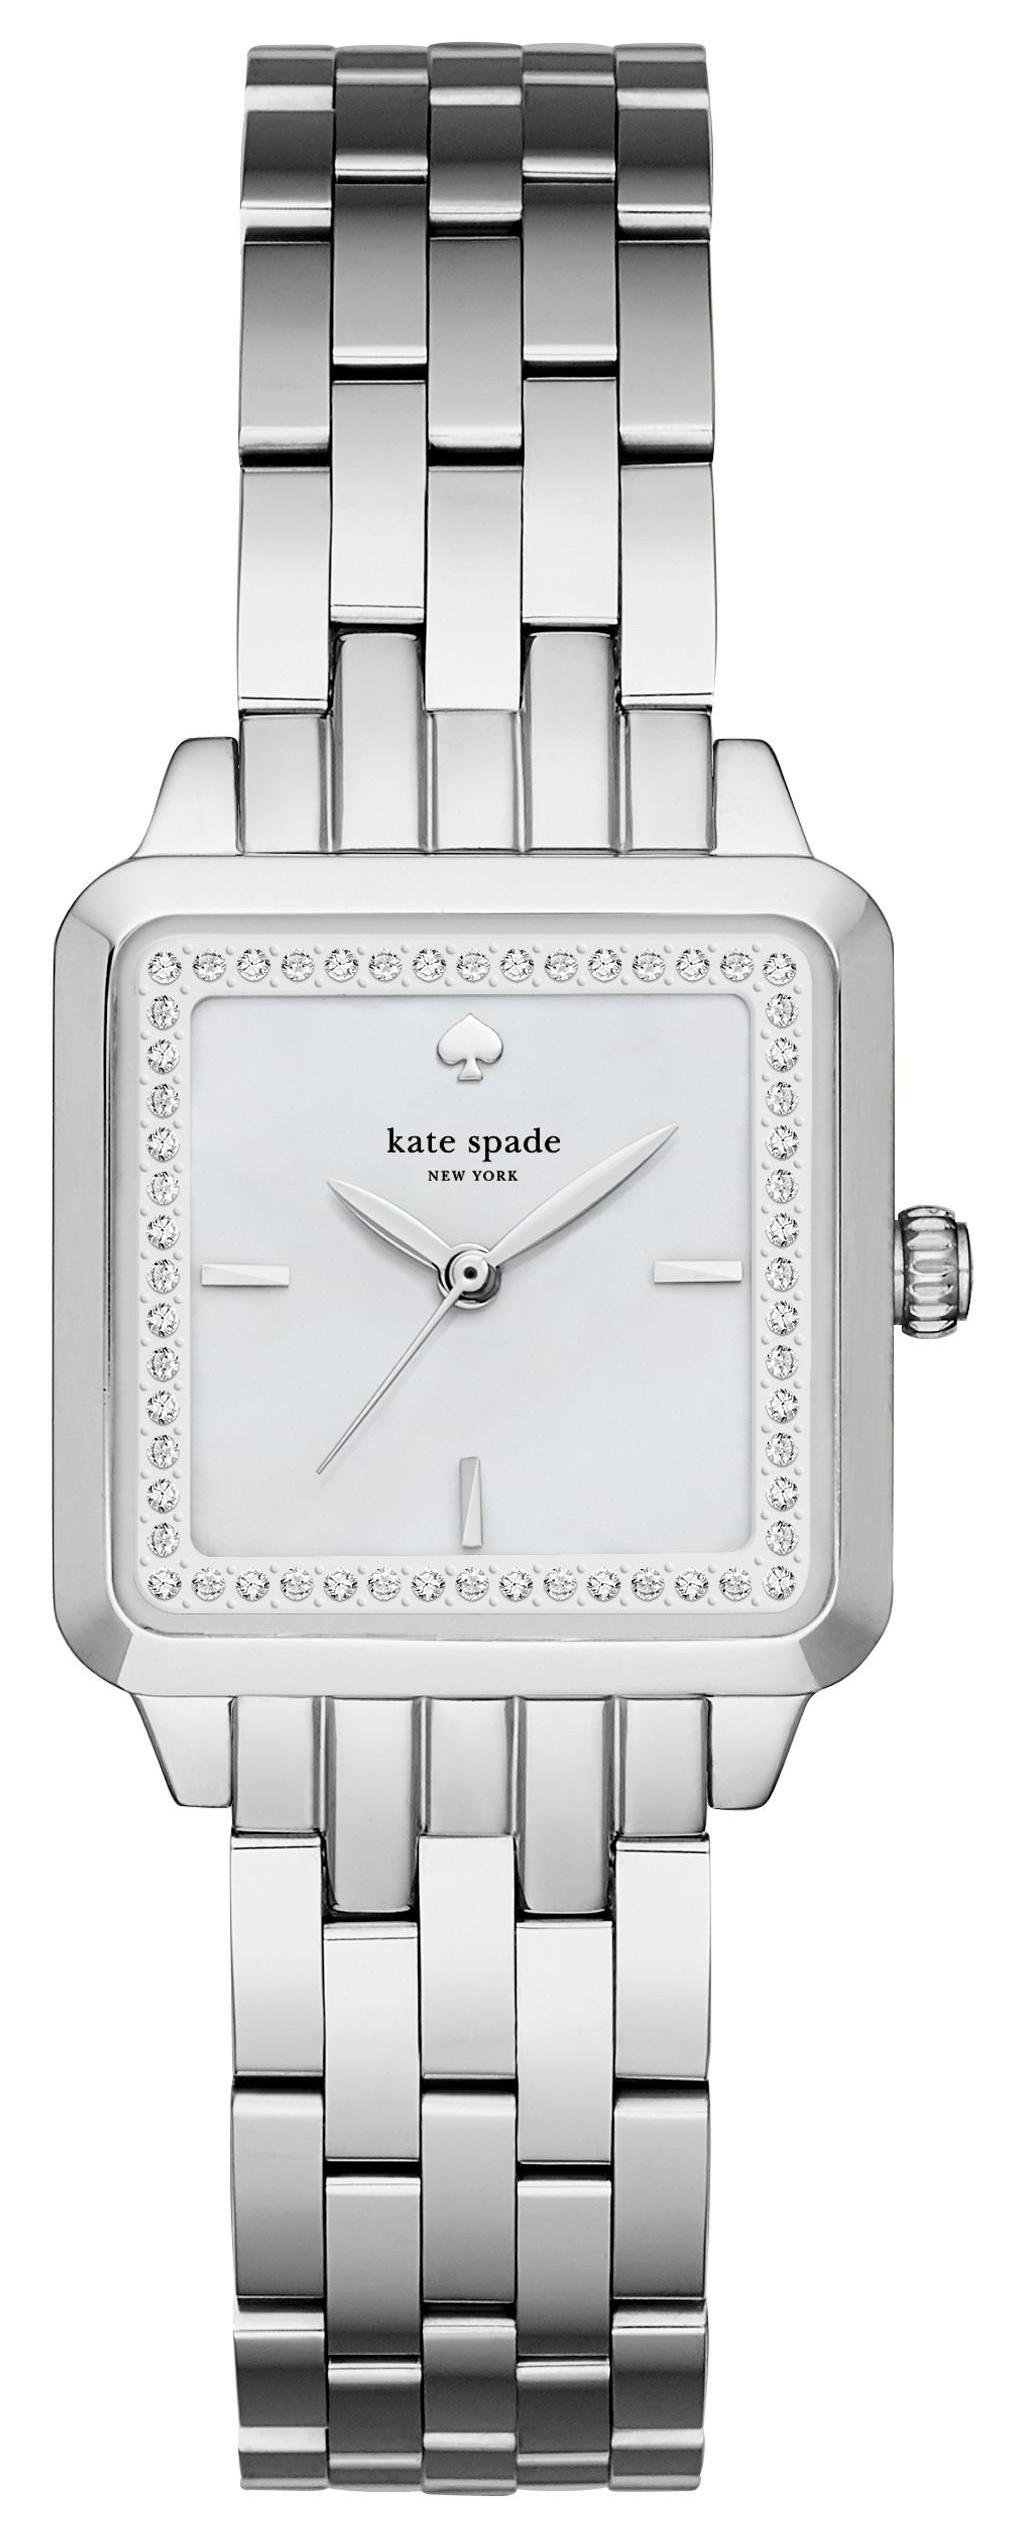 Kate Spade 99999 Damklocka KSW1114 Vit/Stål - Kate Spade